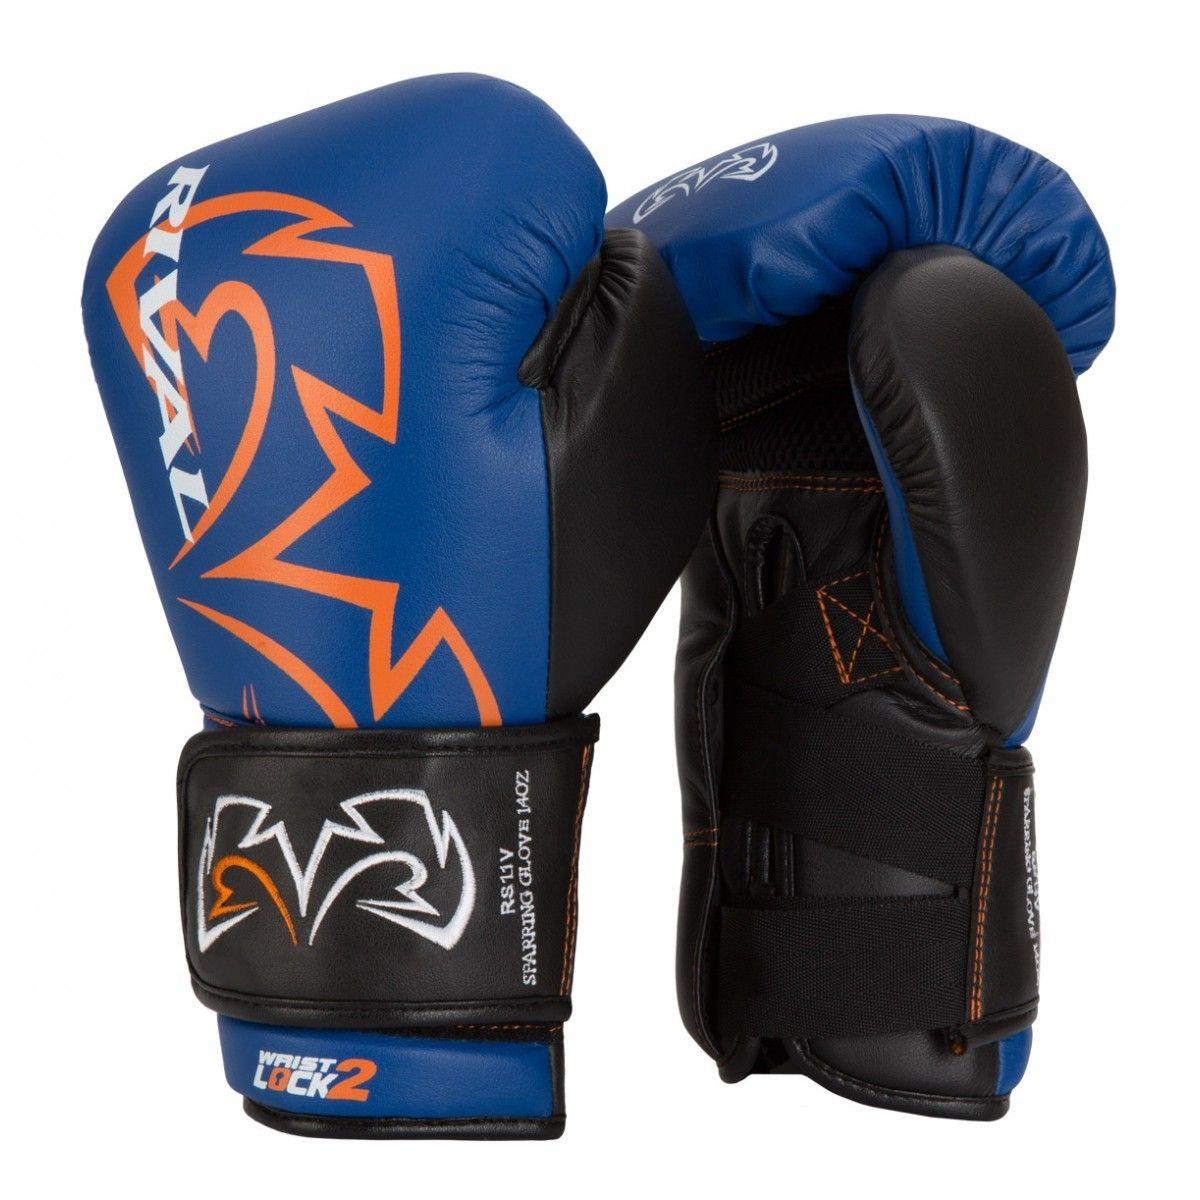 Перчатки для бокса Rival RS11V Evolution Sparring Gloves-14